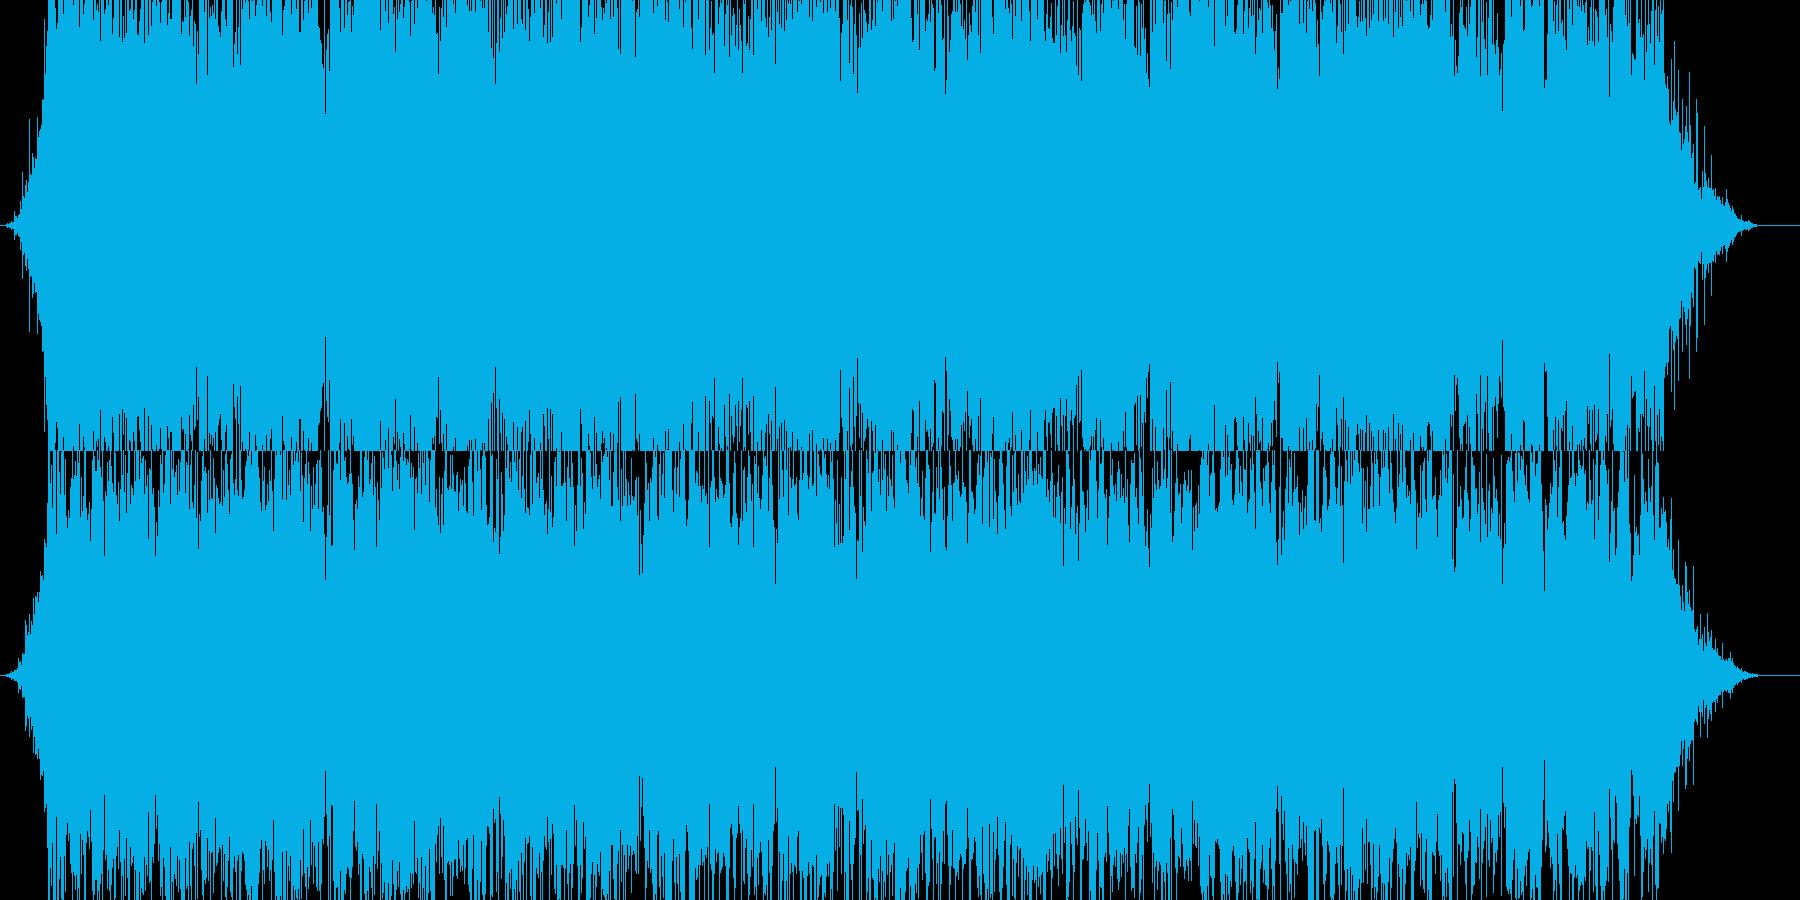 暗くて不思議な雰囲気のBGMの再生済みの波形